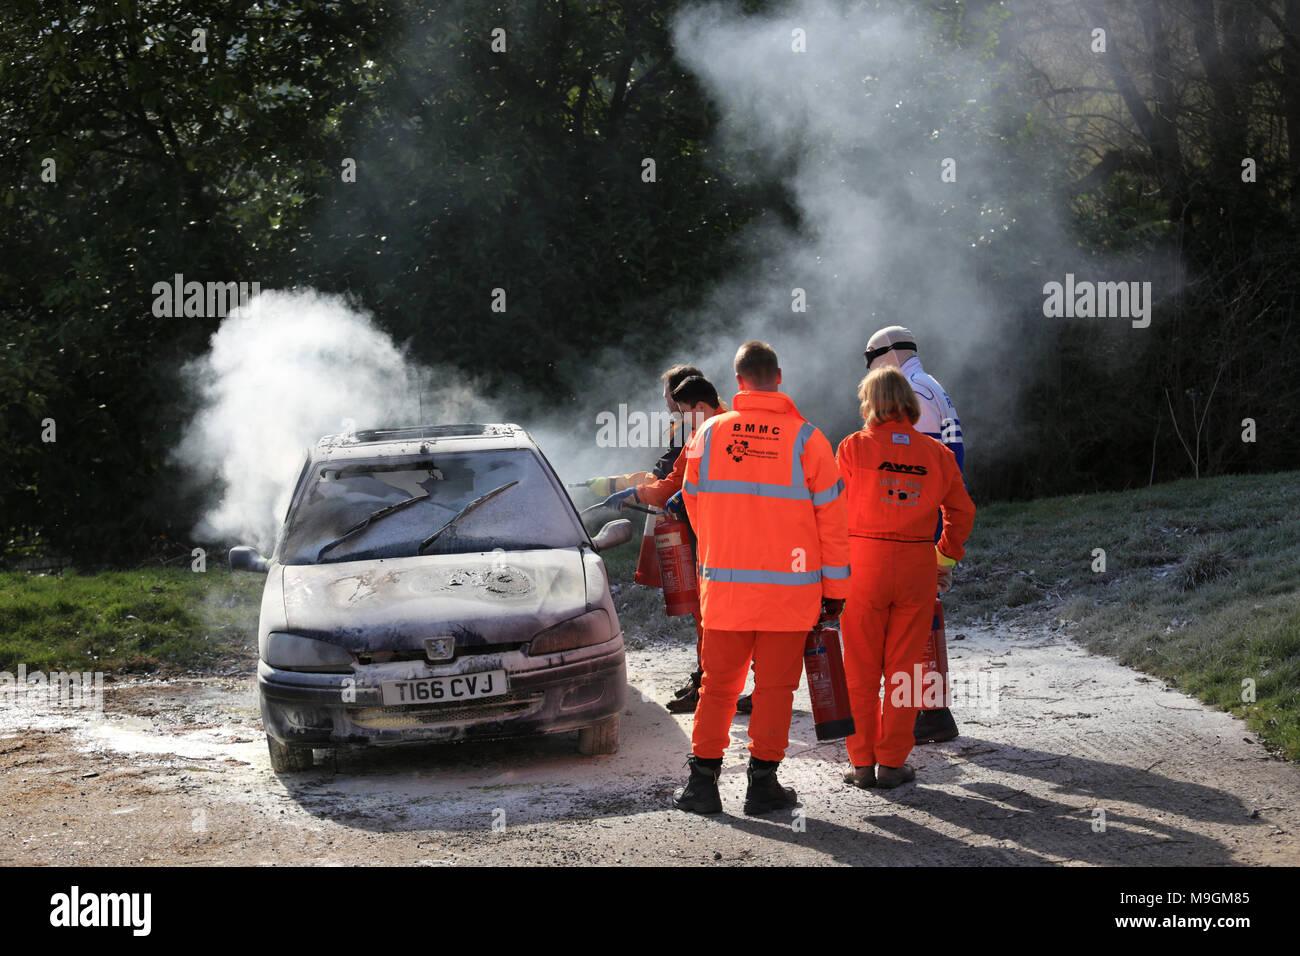 Motor Sport formation à la lutte contre l'incendie en cours de maréchaux. Photo Stock